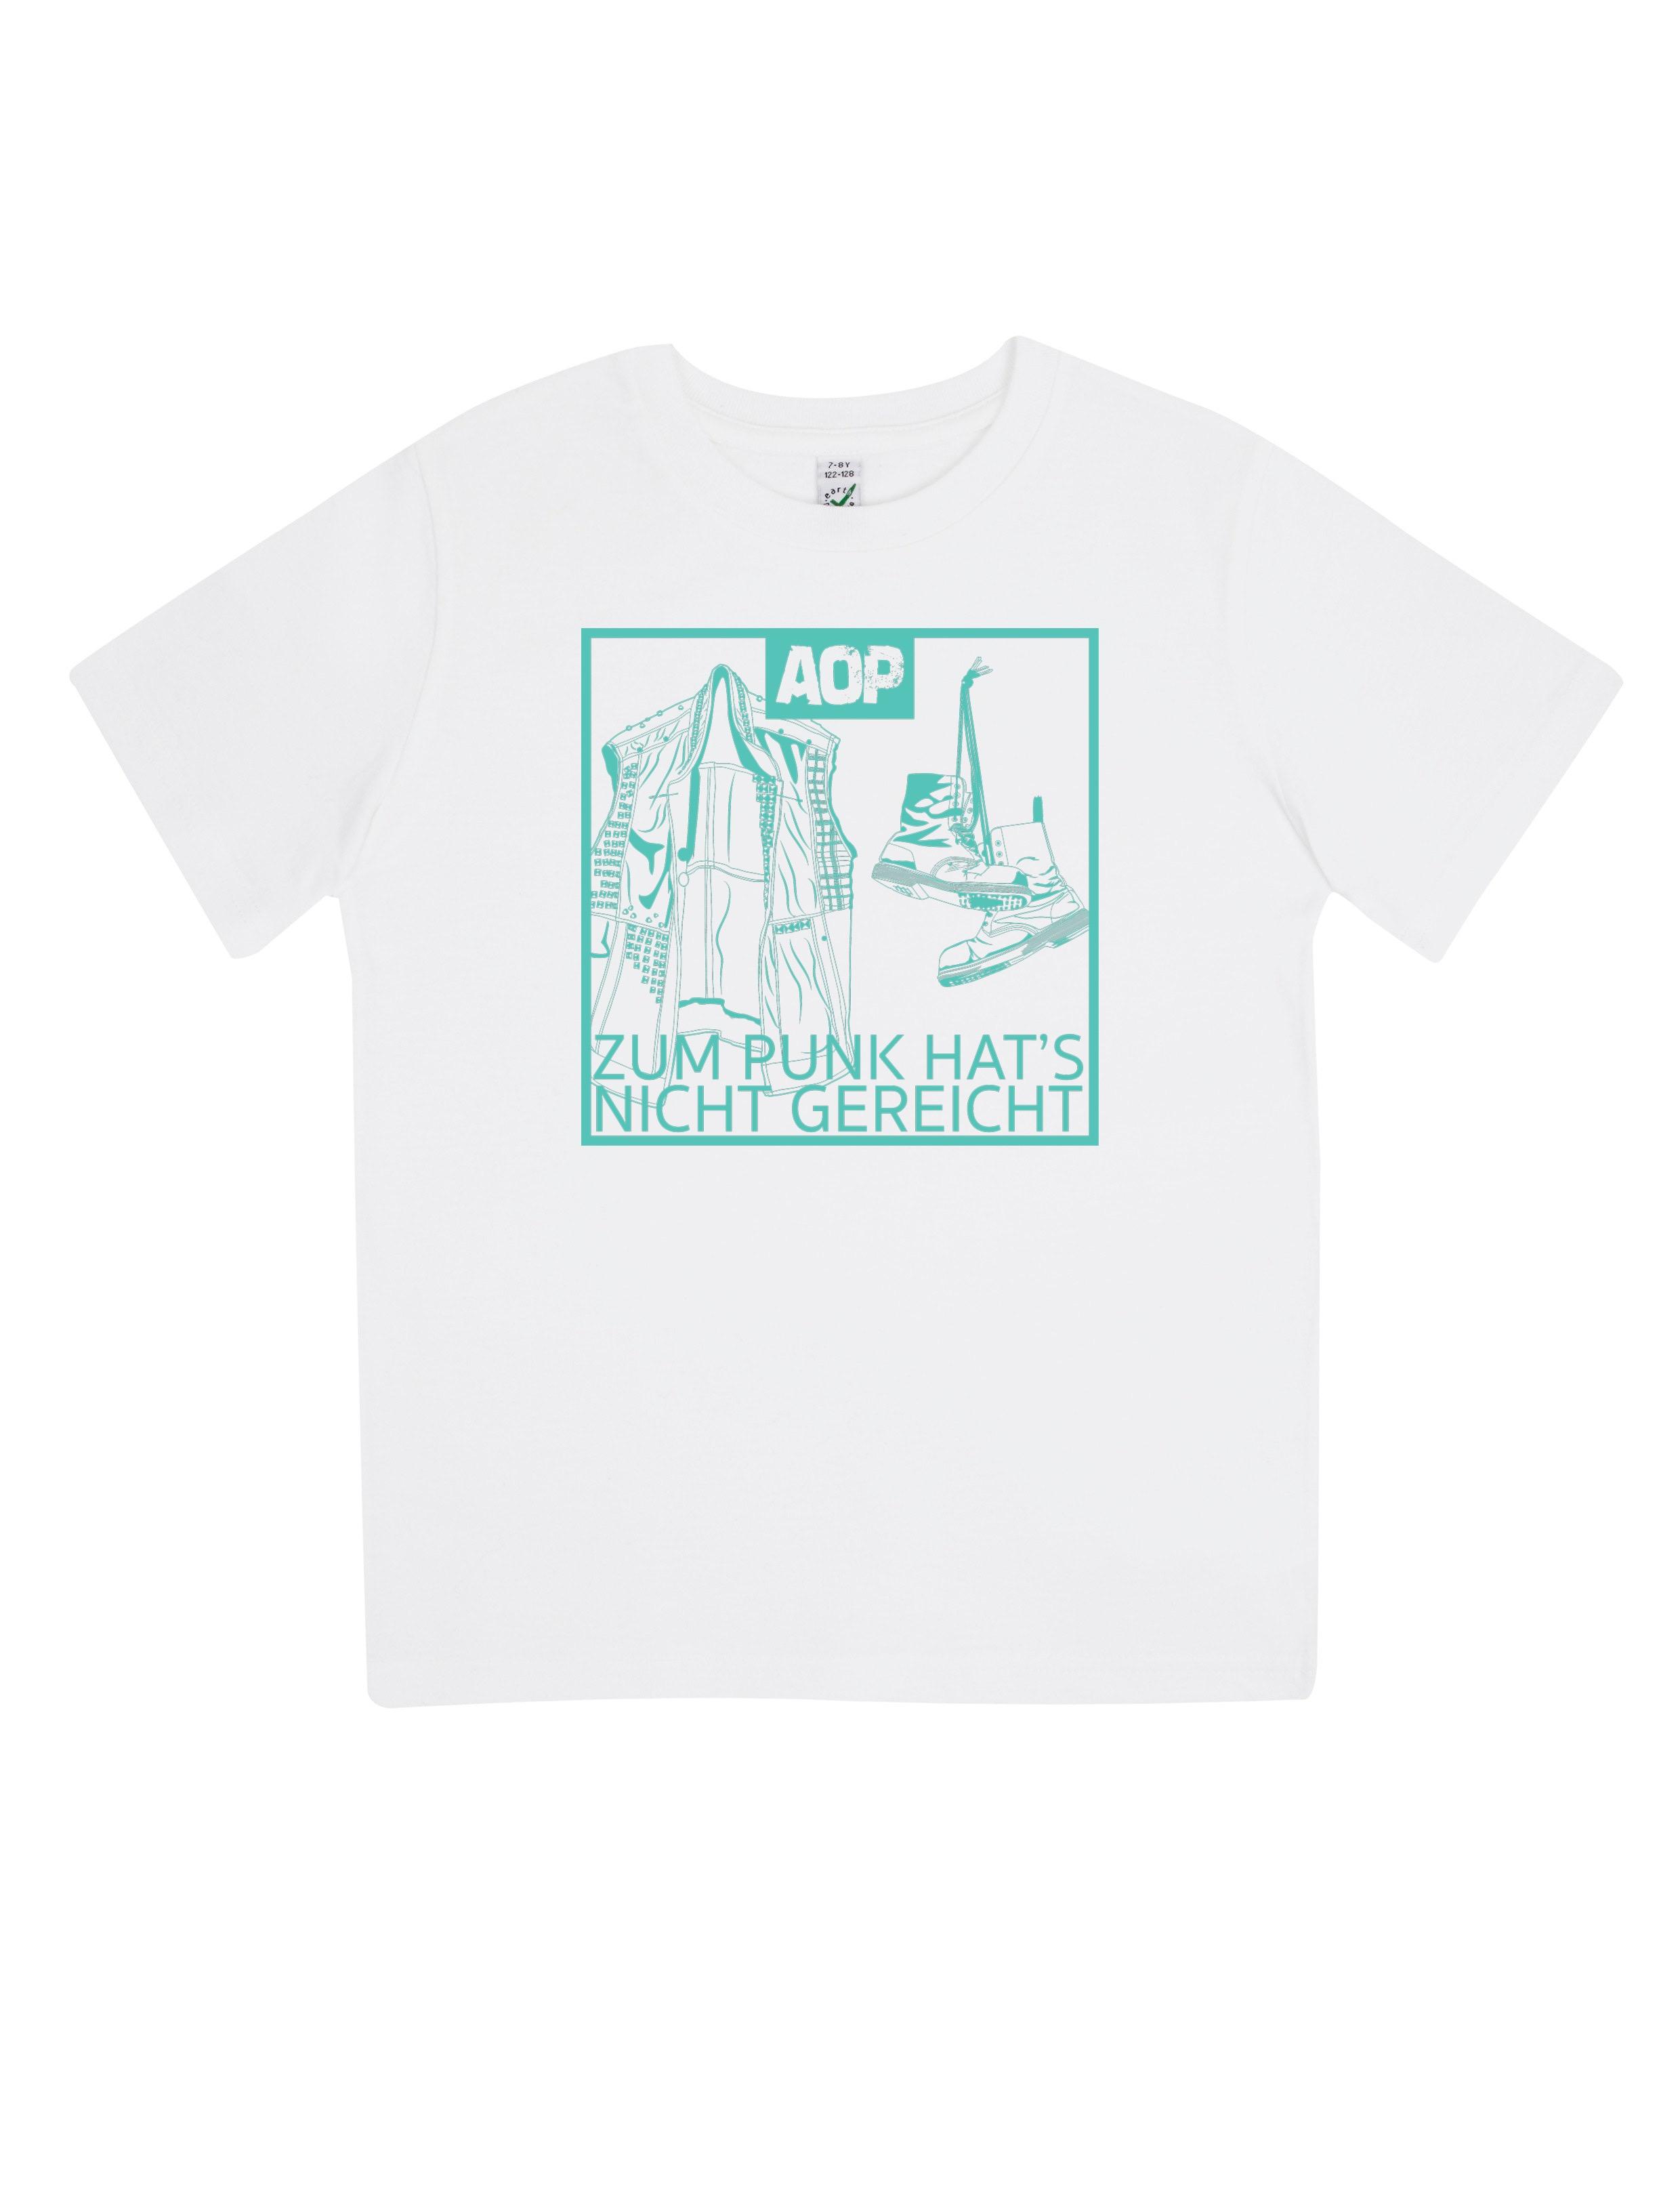 AOP – Zum Punk hat's nicht gereicht – Kids-Shirt (weiß)